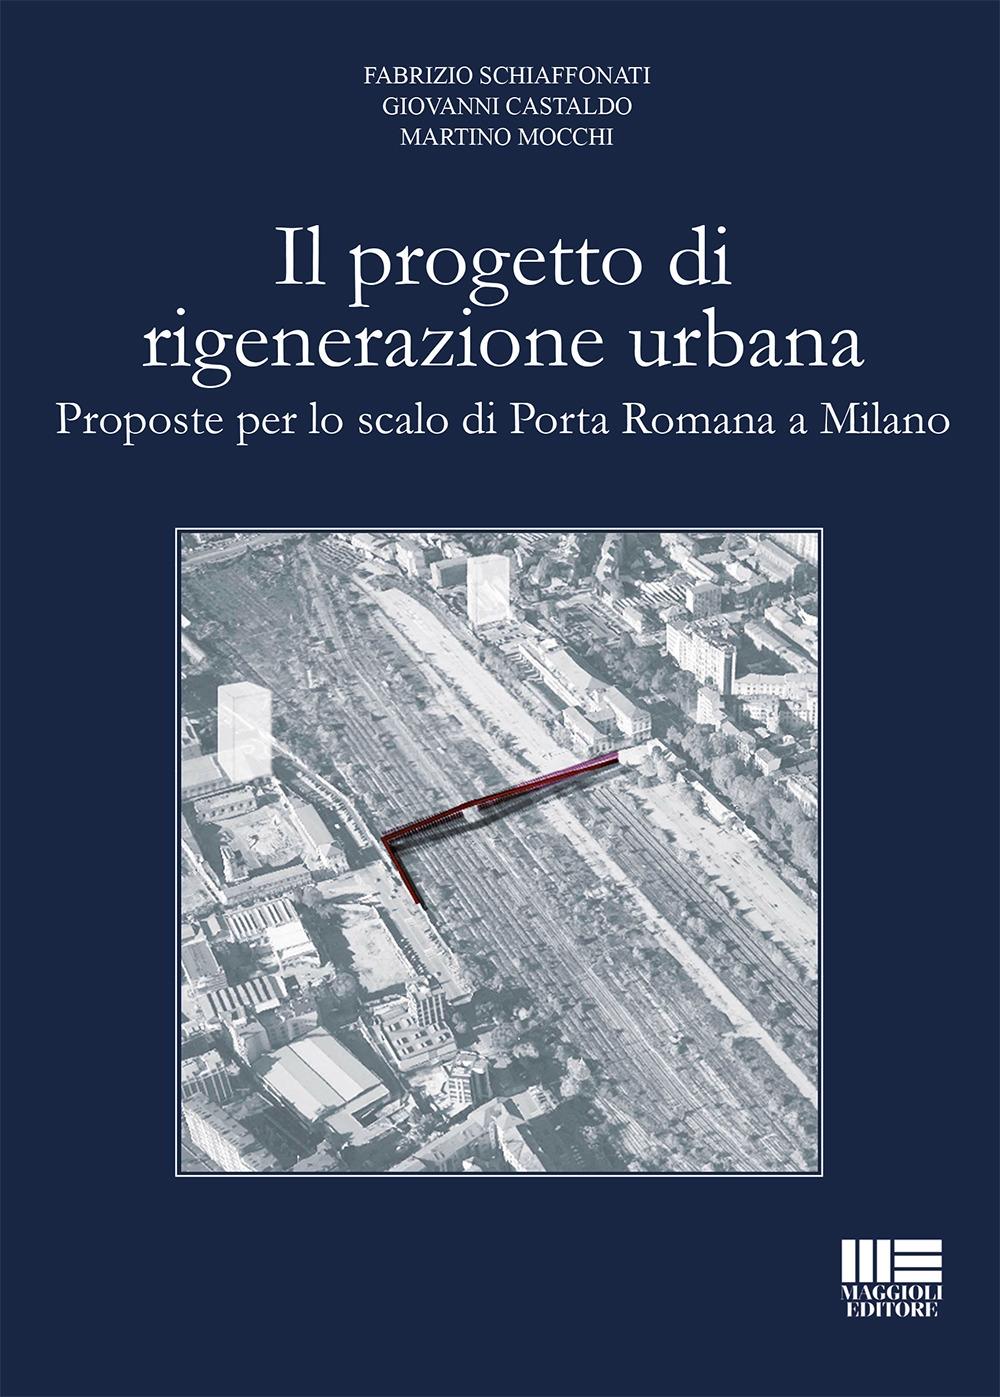 Il progetto di rigenerazione urbana. Proposte per lo scalo di Porta Romana a Milano